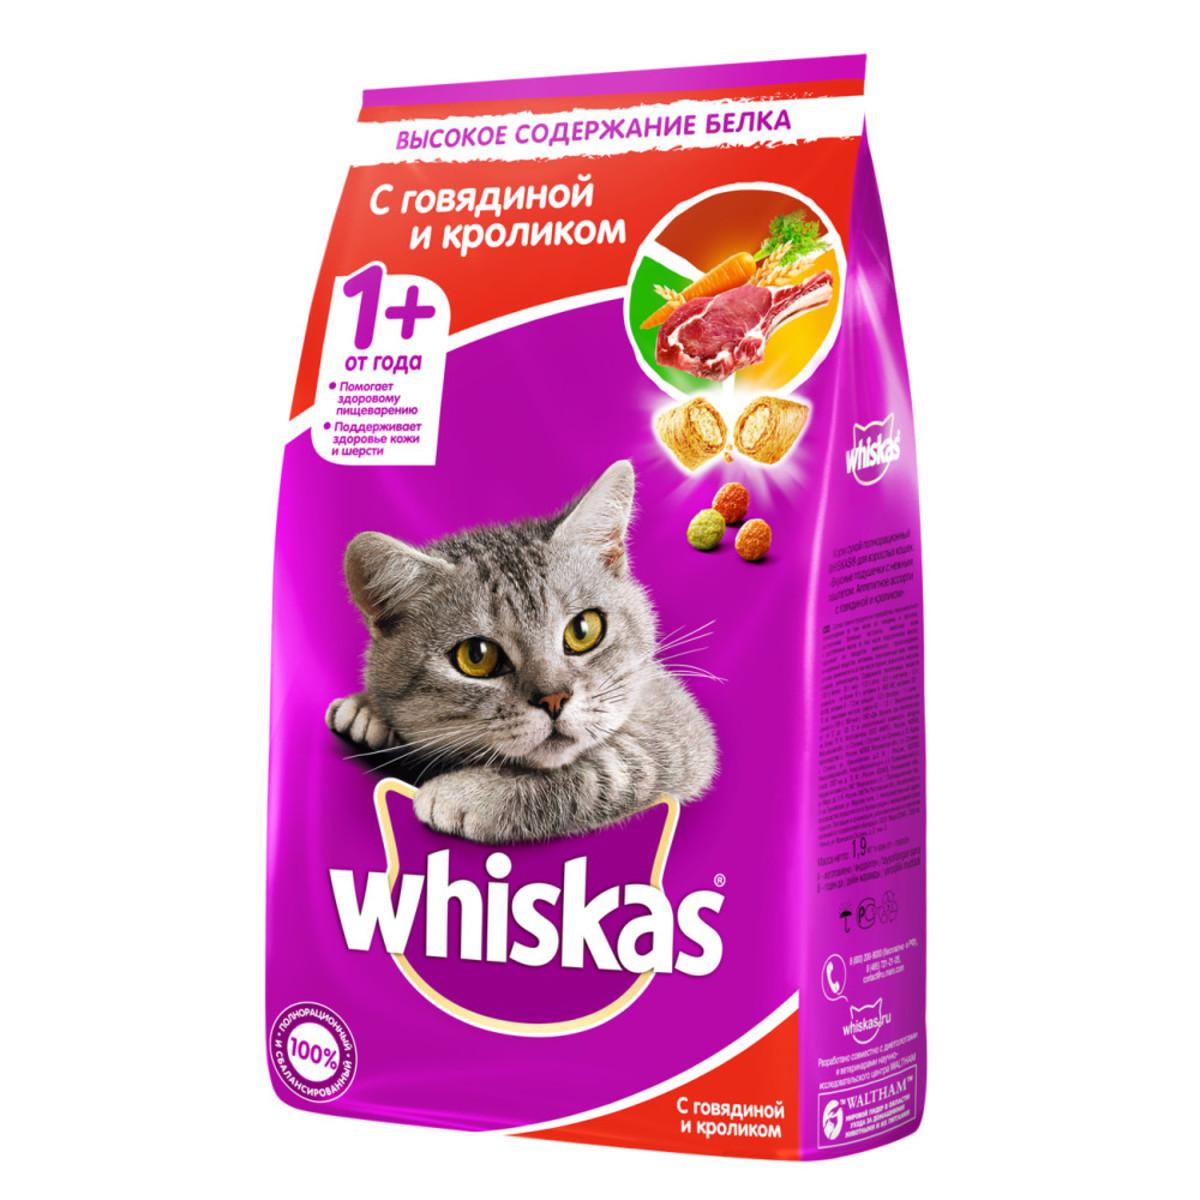 Сухой корм WHISKAS для кошек Подушечки с паштетом. Ассорти с говядиной и кроликом 19кг